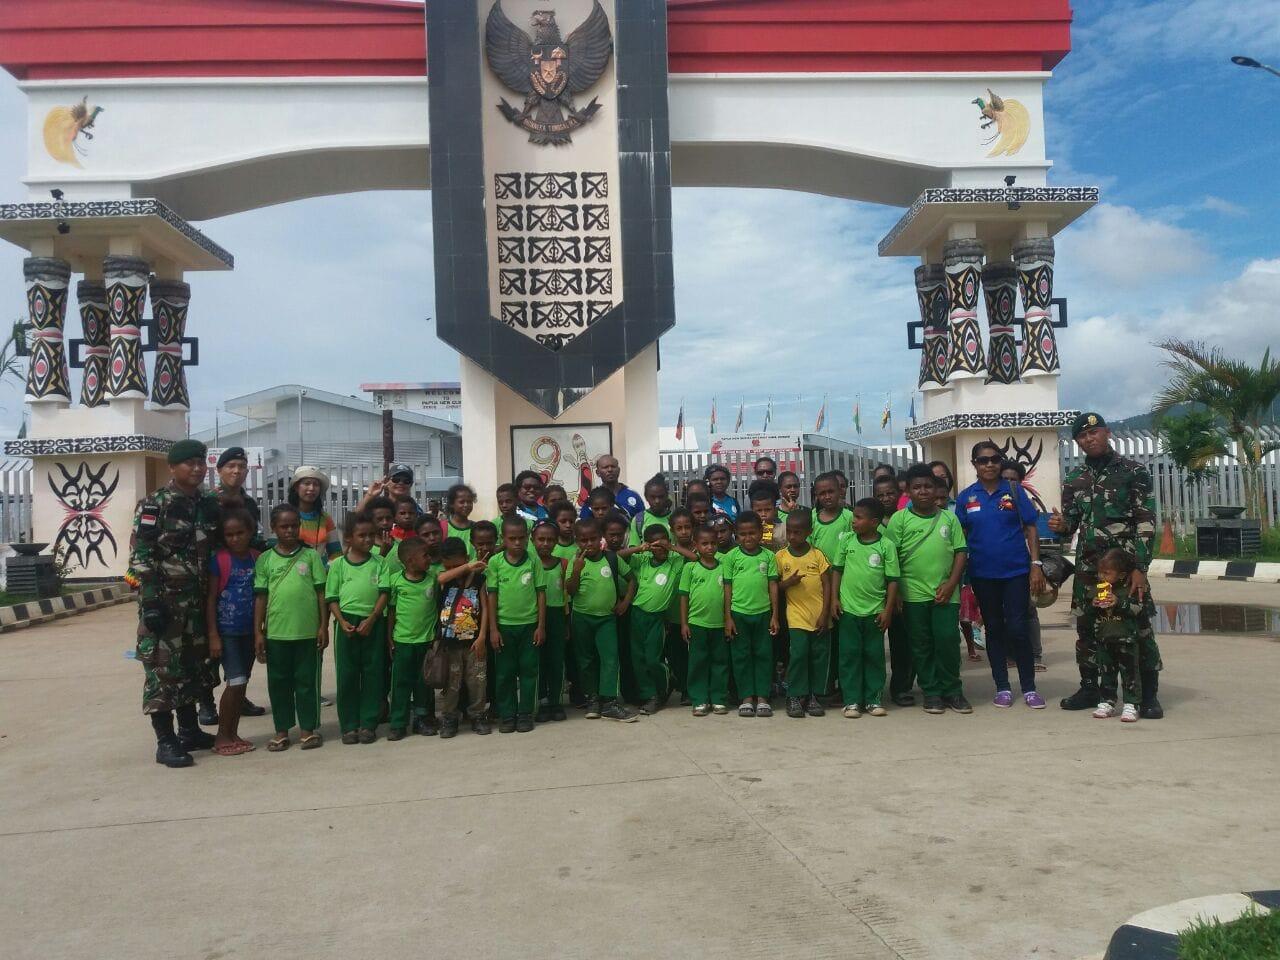 Tumbuhkan Cinta Tanah Air, Anggota TNI Ajak Anak-Anak Wisata Di Perbatasan